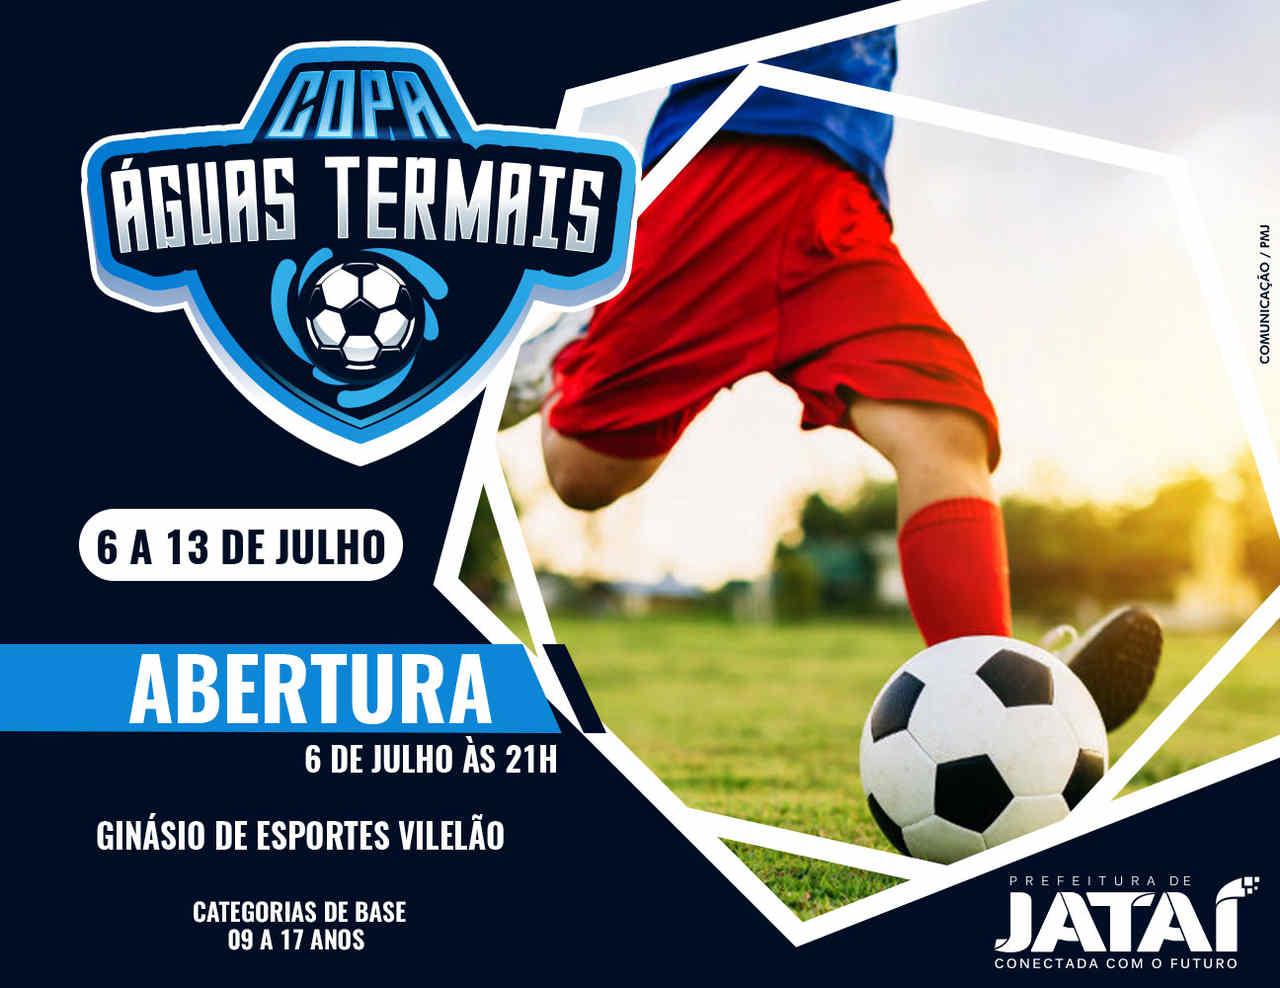 c9e303331 ESPORTE E TURISMO | Copa das Águas Termais fará de Jataí a capital ...